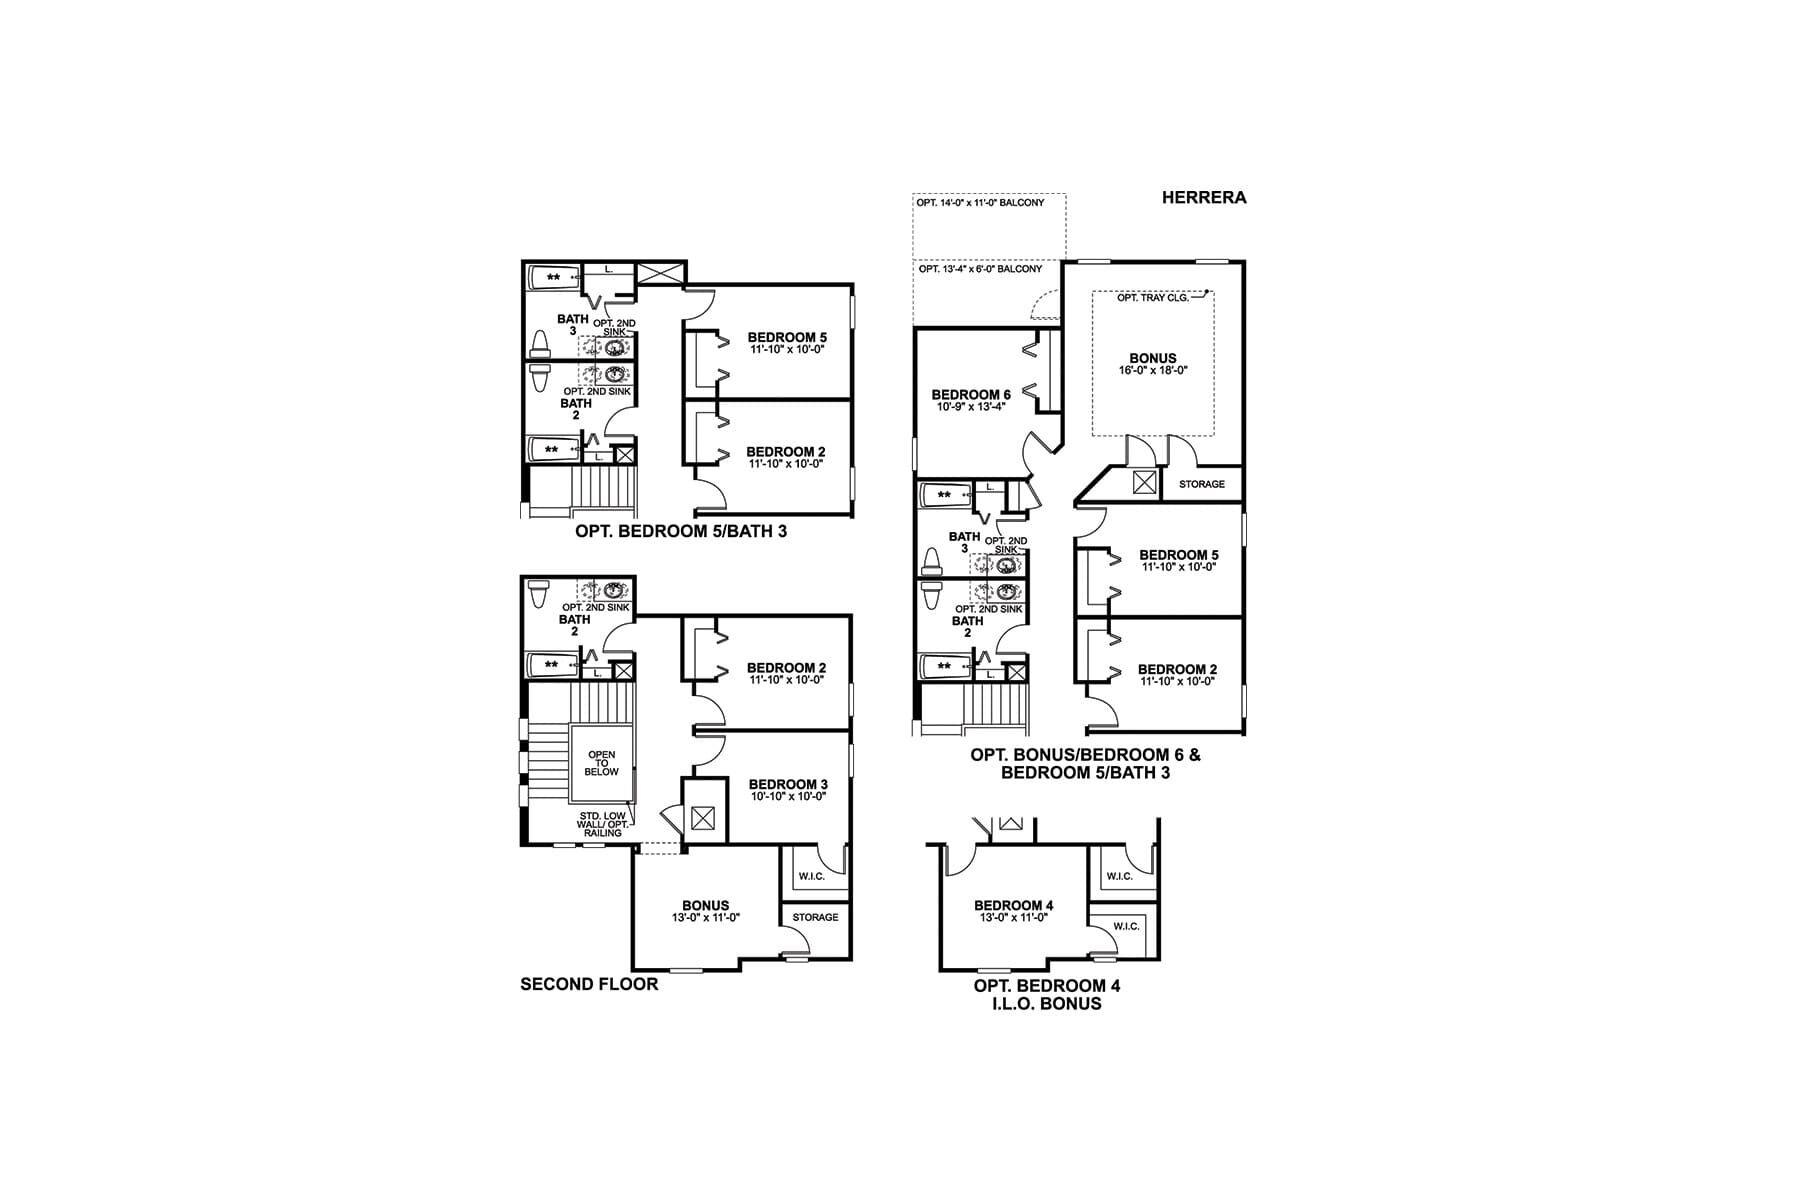 Herrera Second Floor